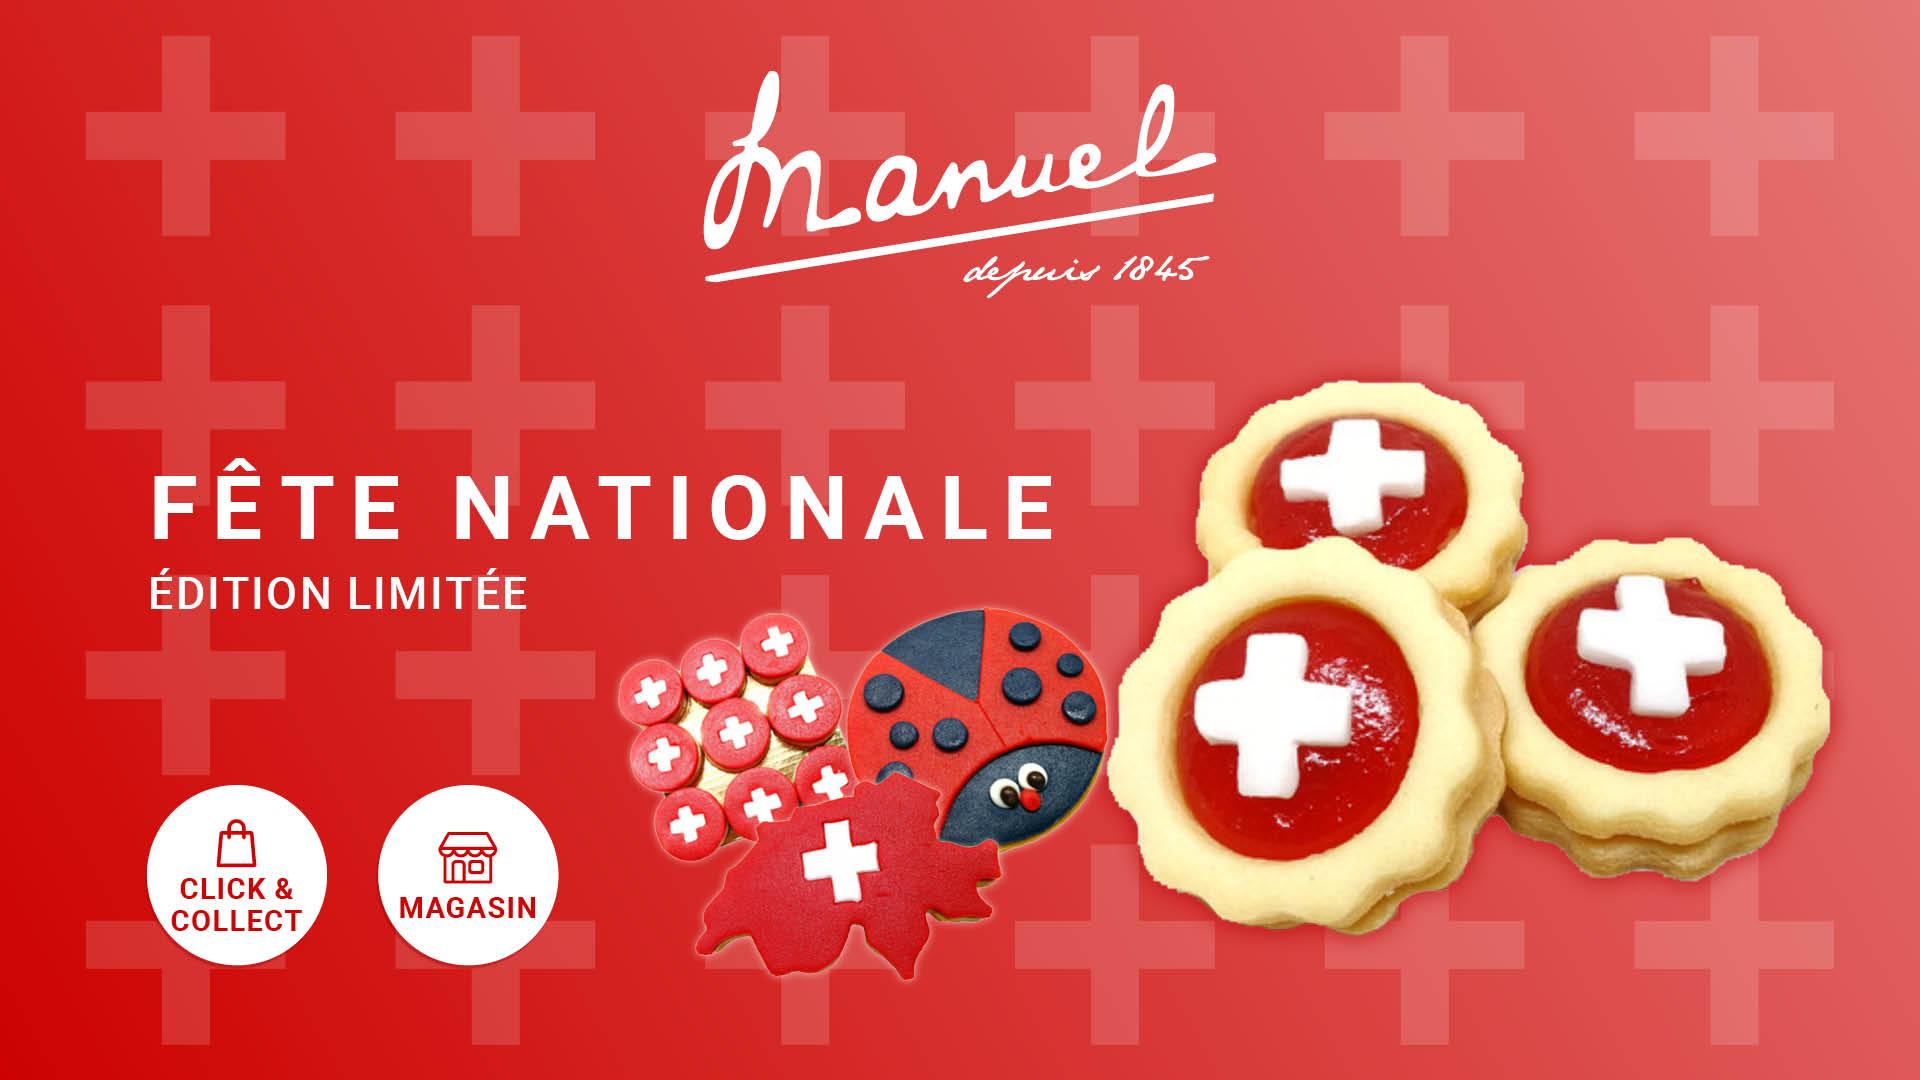 MANUEL-Fete-nationale-suisse-speciailites-patriotiques